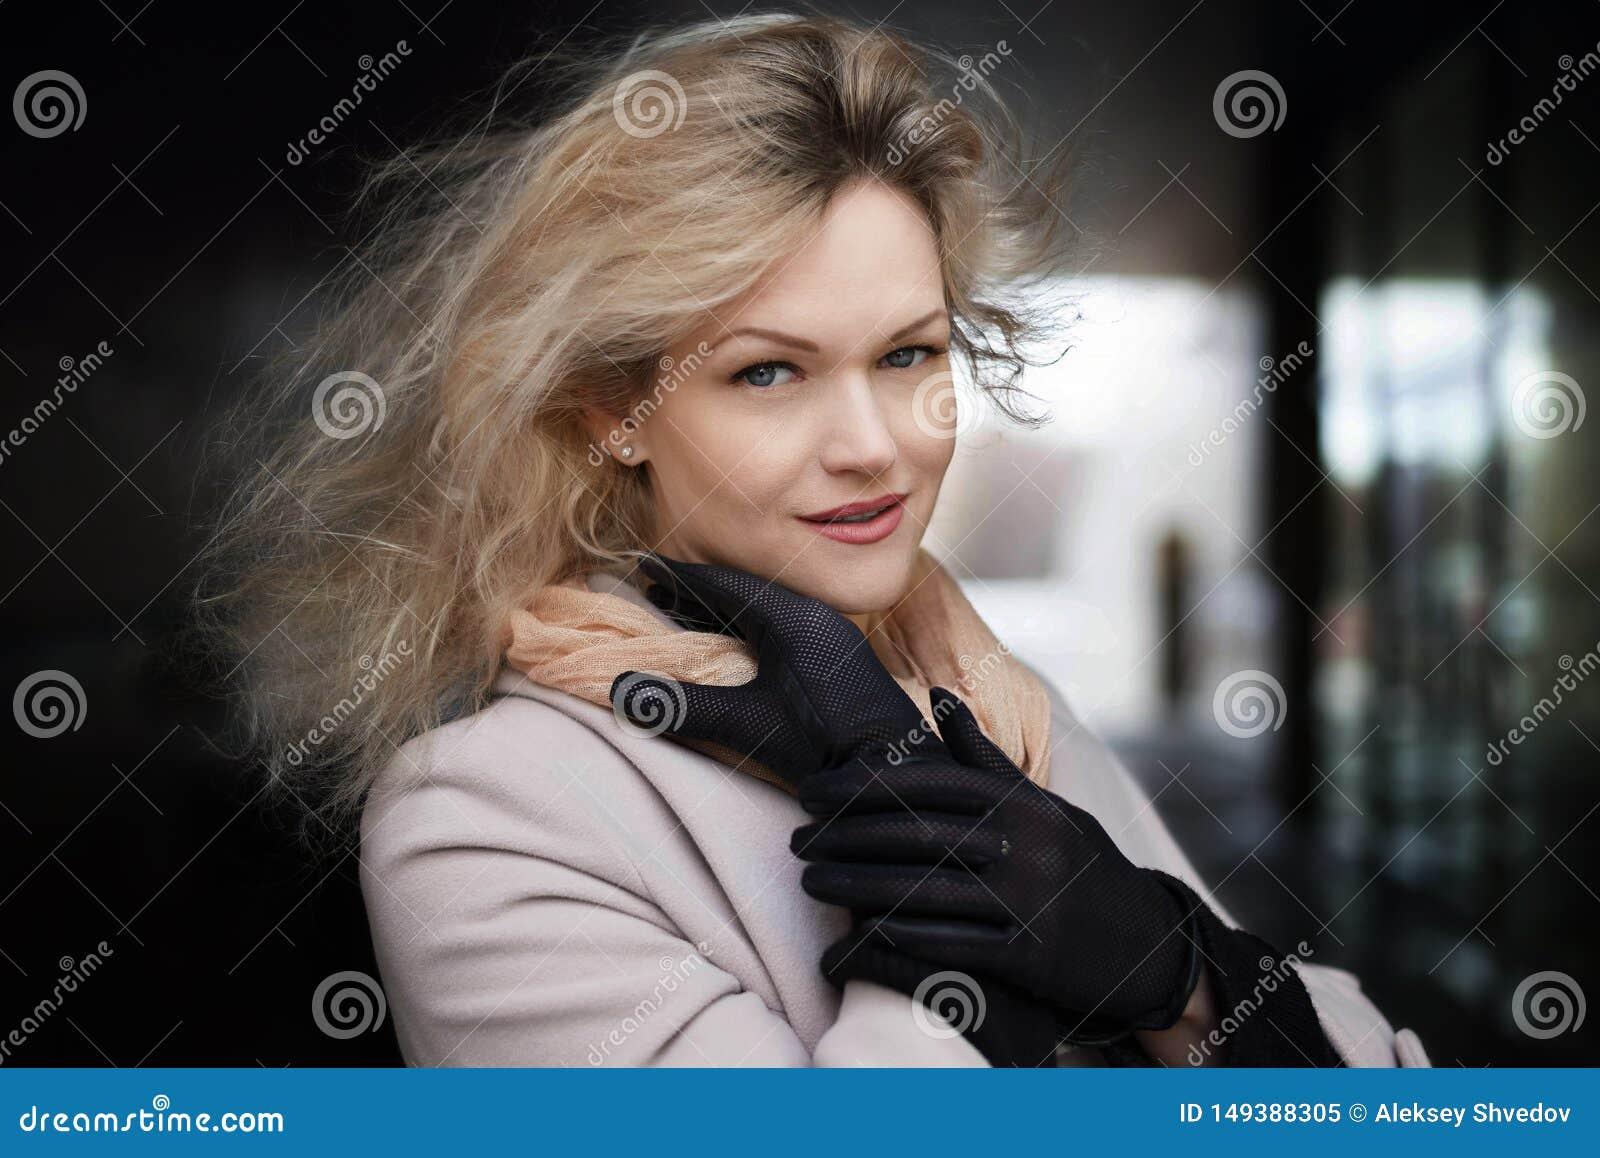 Solig modestil f?r sommar St?ende av en ung stilfull kvinna utomhus, den ikl?dda moderiktiga dr?kten och svarta handskar